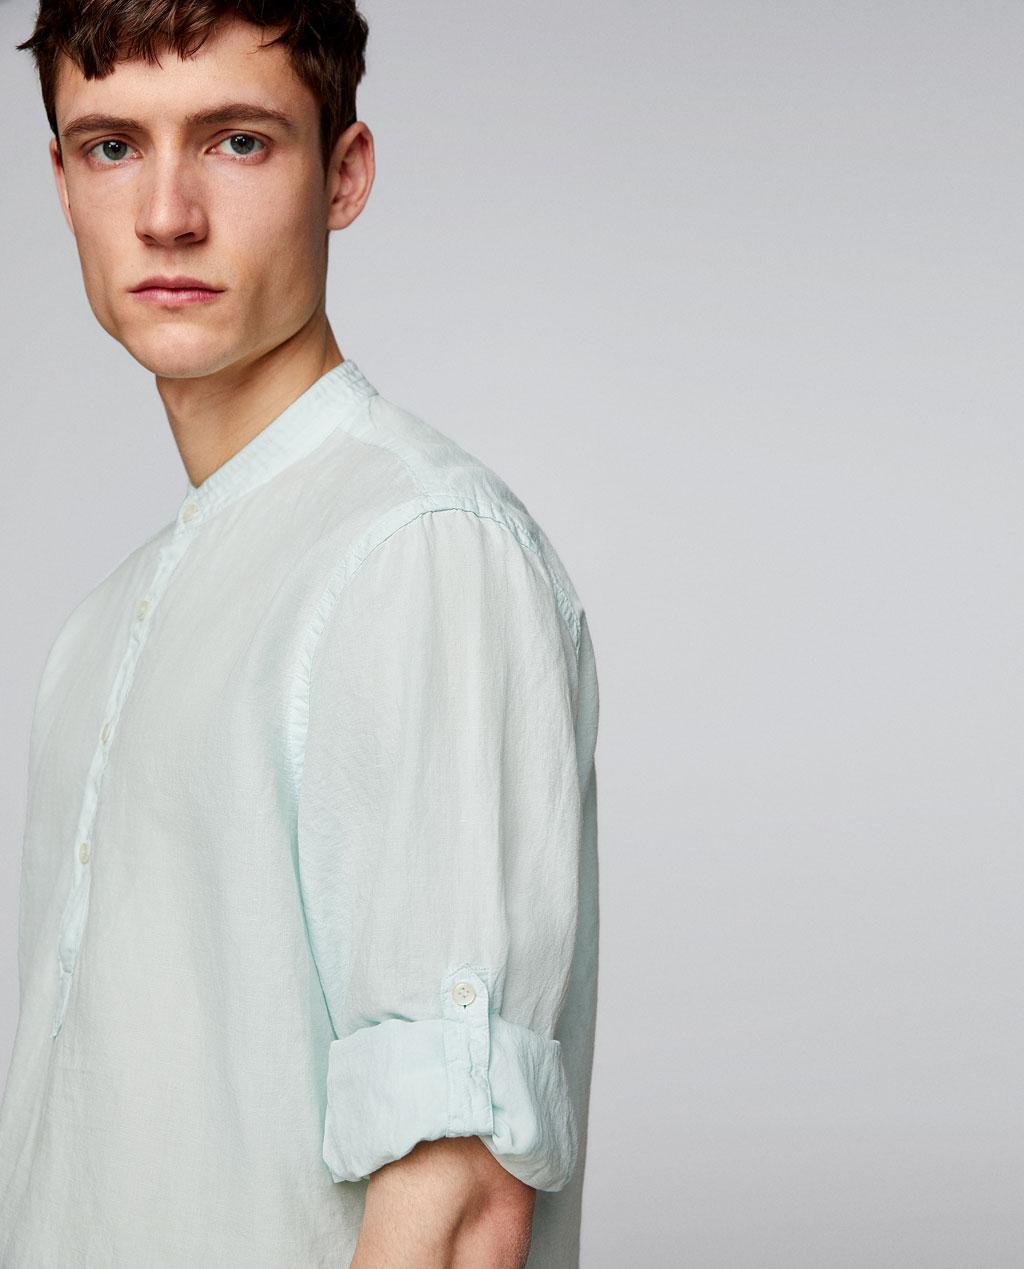 Thời trang nam Zara  23998 - ảnh 5